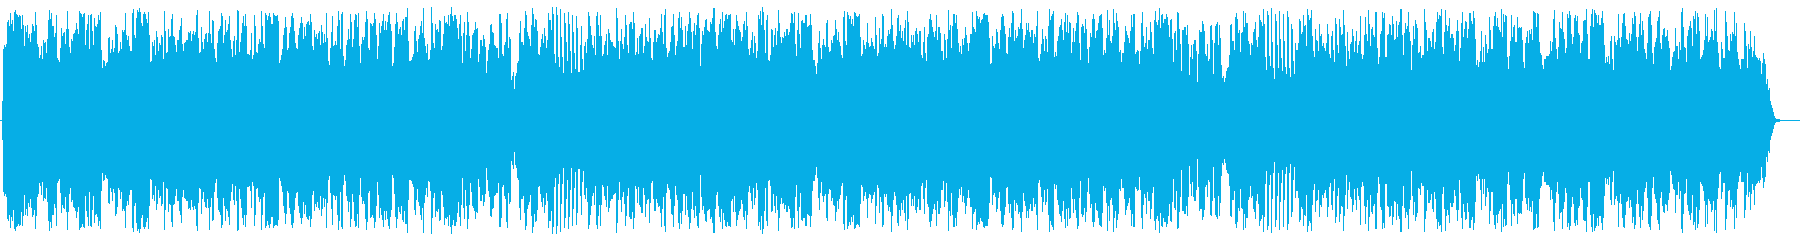 ジョリー・オールド・セント・ニコラスの再生済みの波形